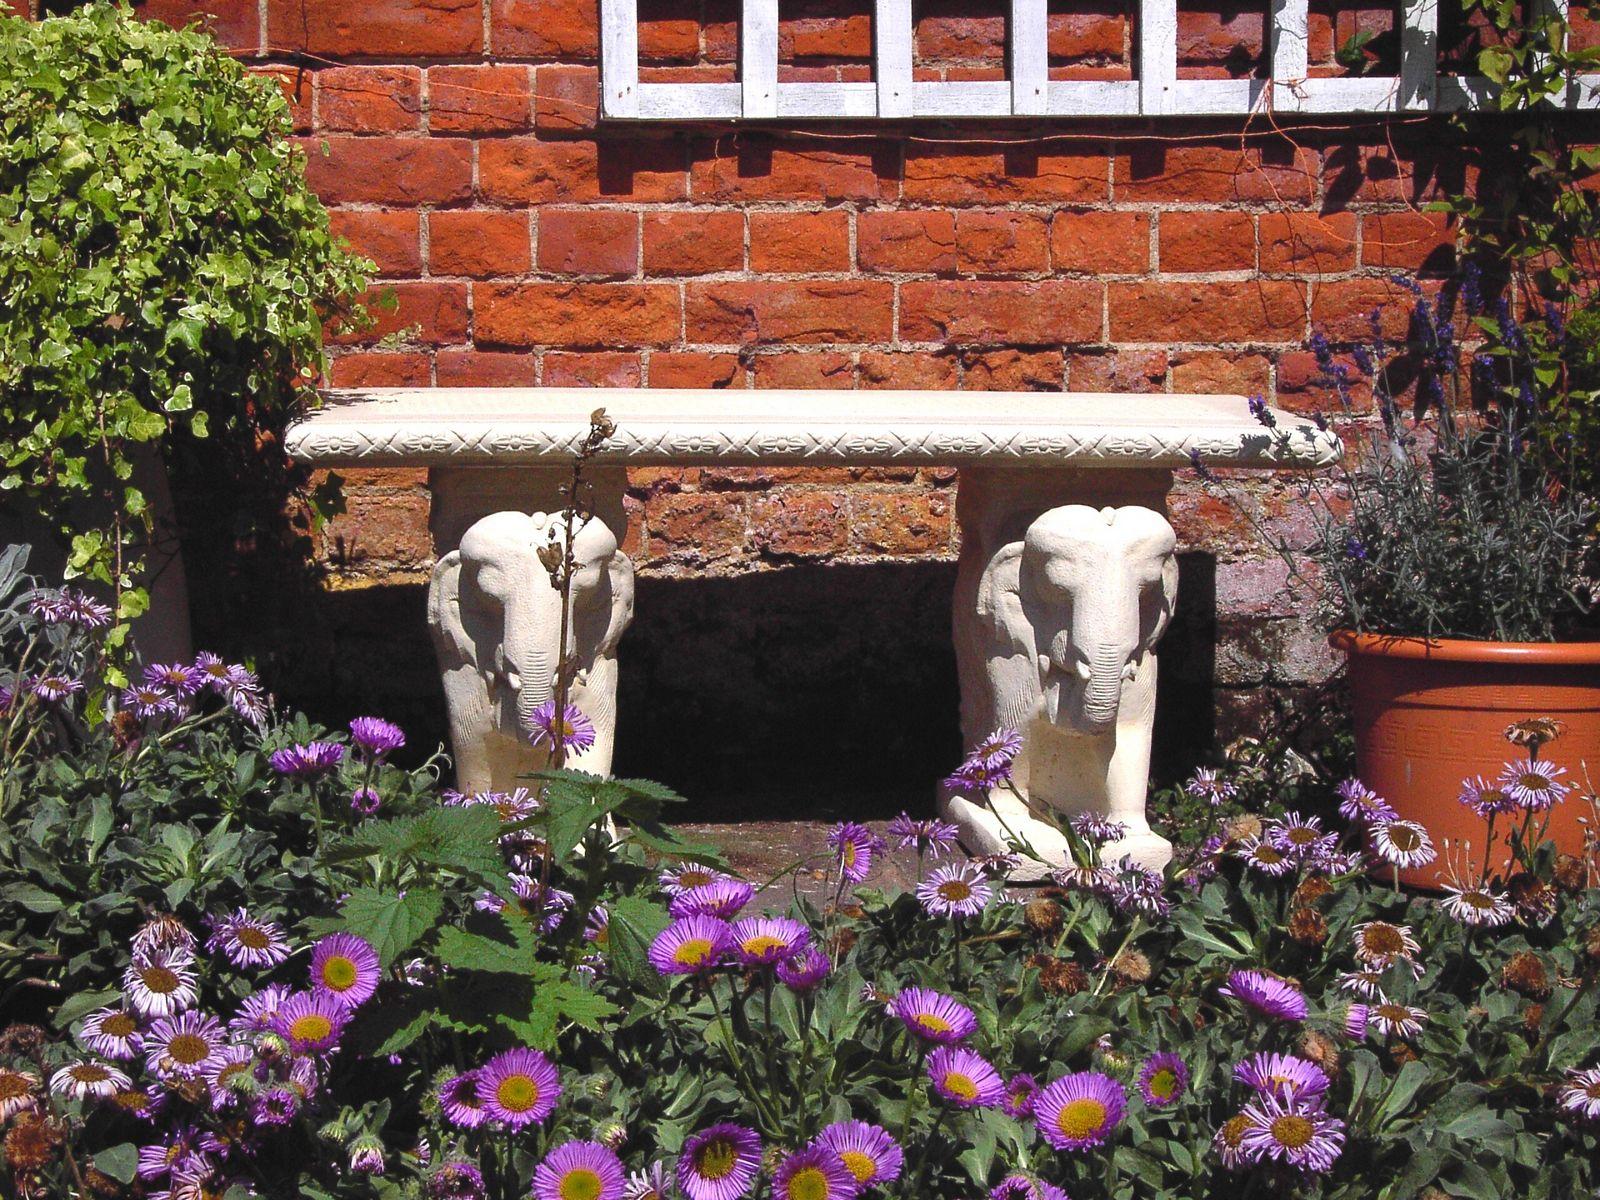 gardeners world garden furniture ireland - Garden Furniture Ireland